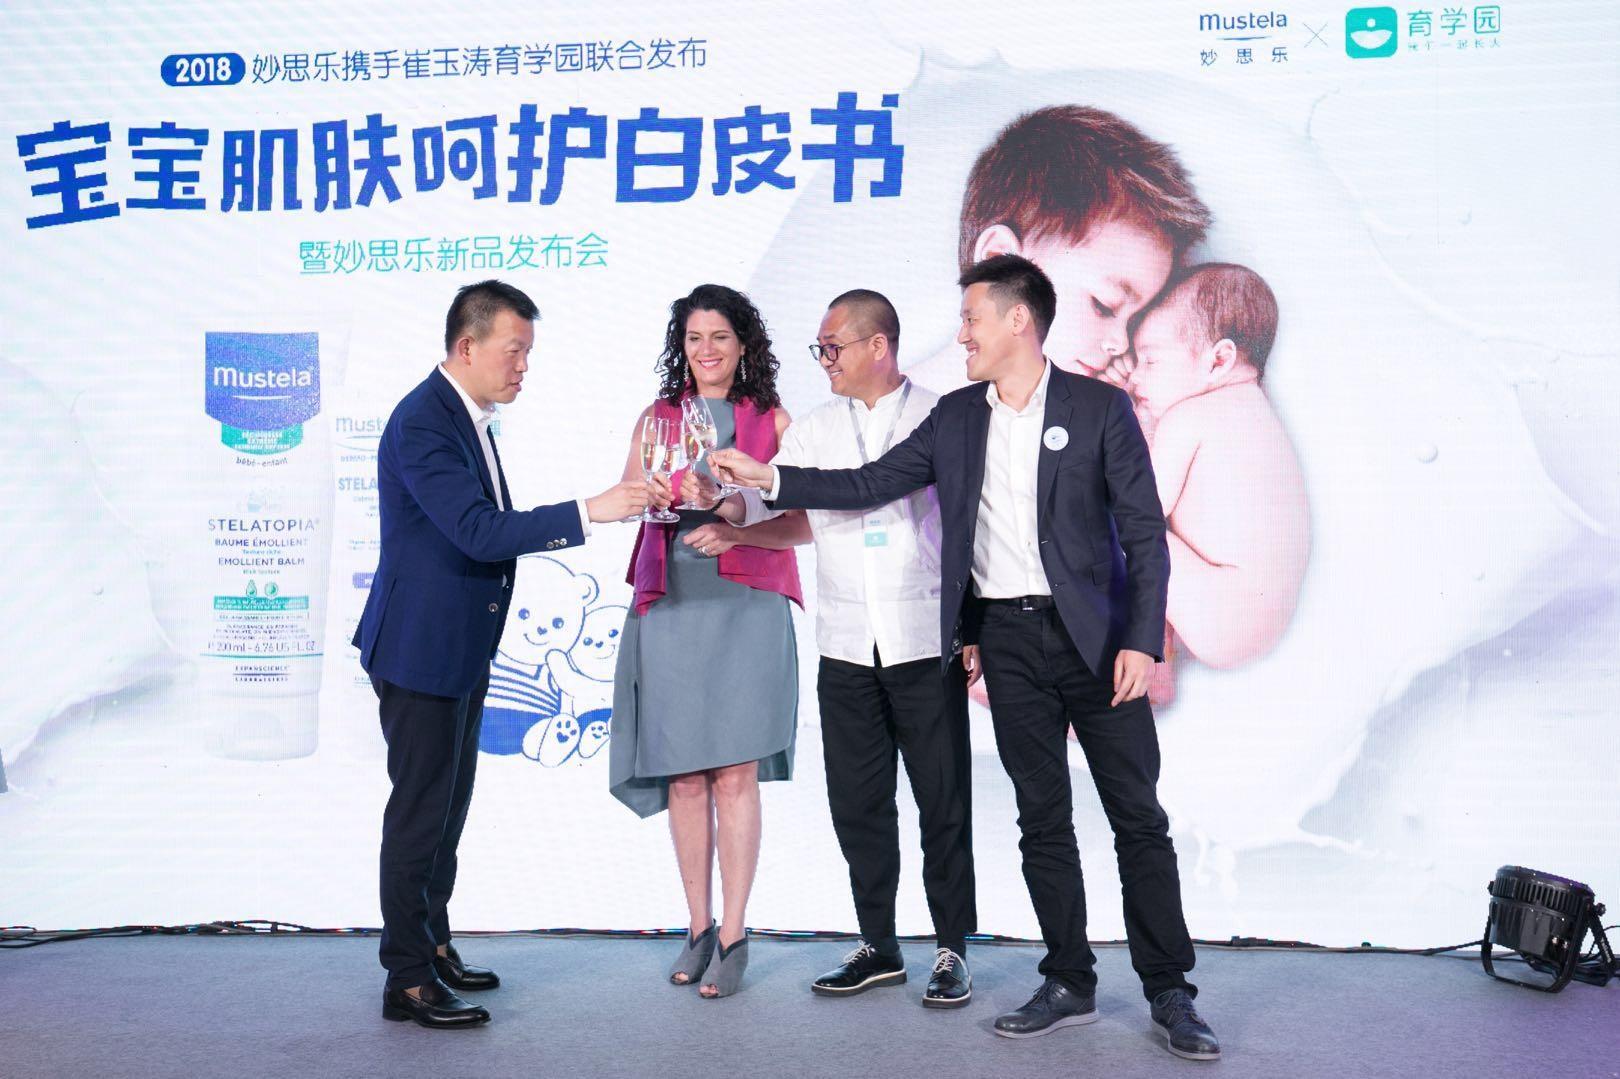 宝宝肌肤呵护白皮书发布 崔玉涛指出肌肤护理四大误区